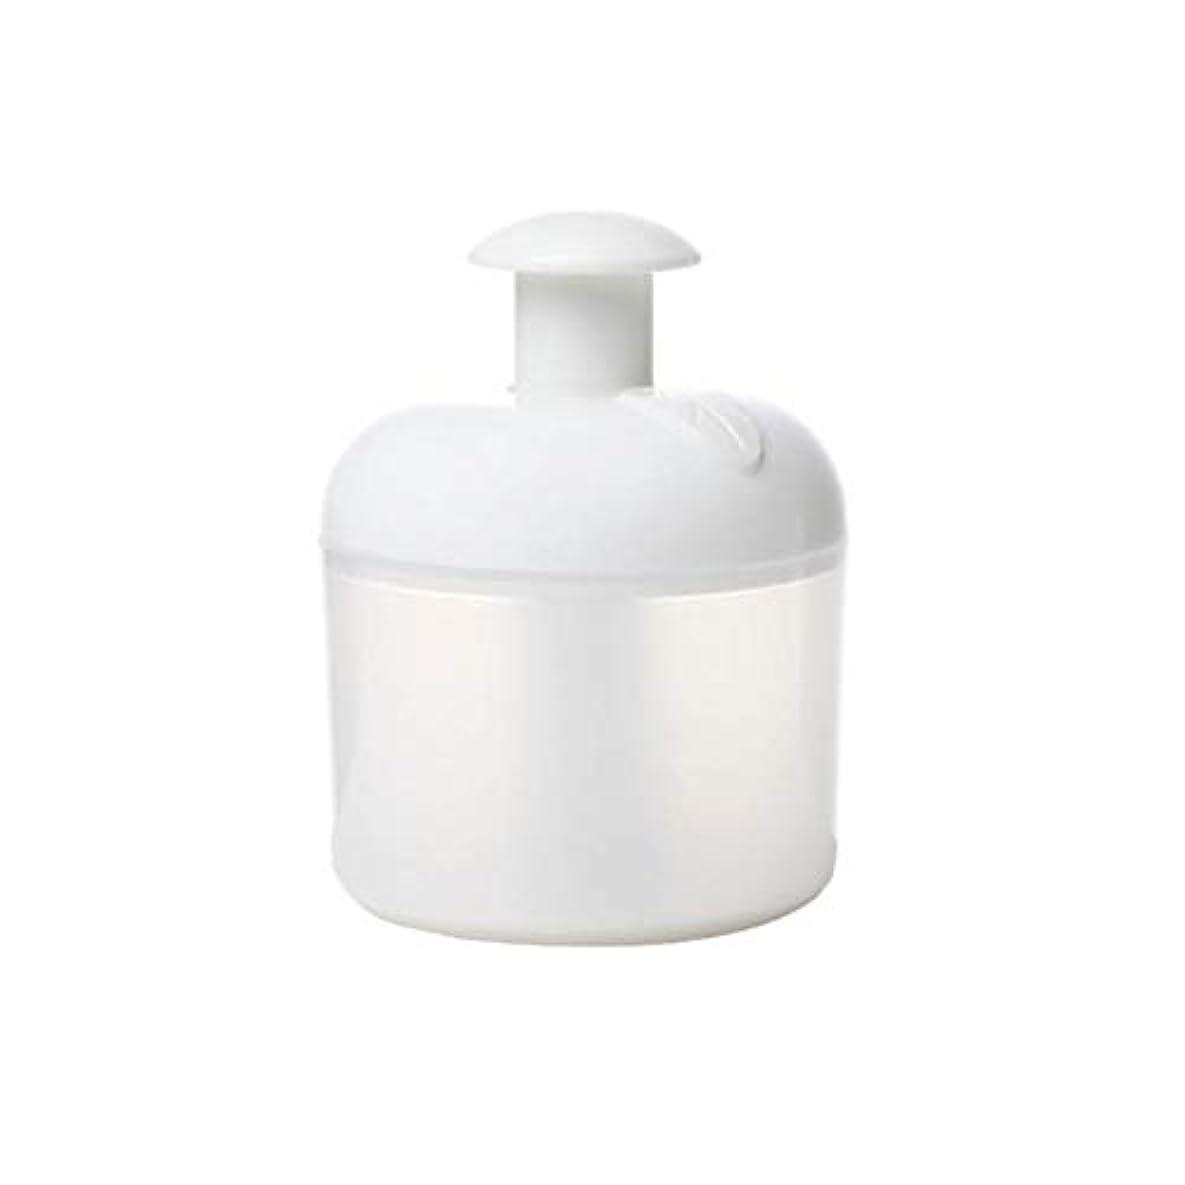 電気的安定しました好むマイクロバブルフォーマー - Dewin 洗顔泡立て器 洗顔ネット マイクロホイッパー クリーンツール 7倍の濃厚なバブル 美容グッズ